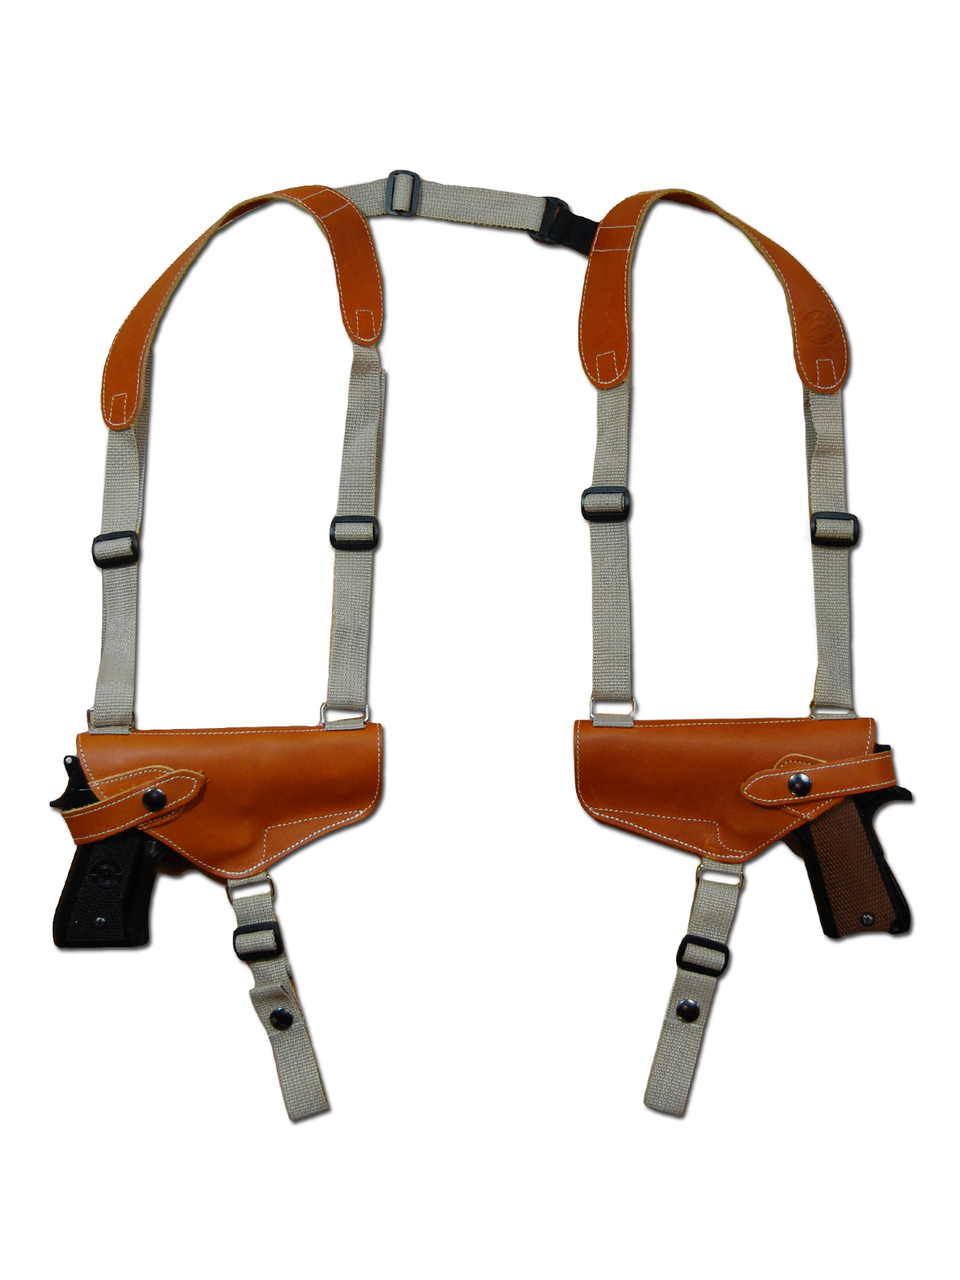 Saddle Tan Leather 2 Gun Shoulder Holster for 9mm 40 45 Pistols